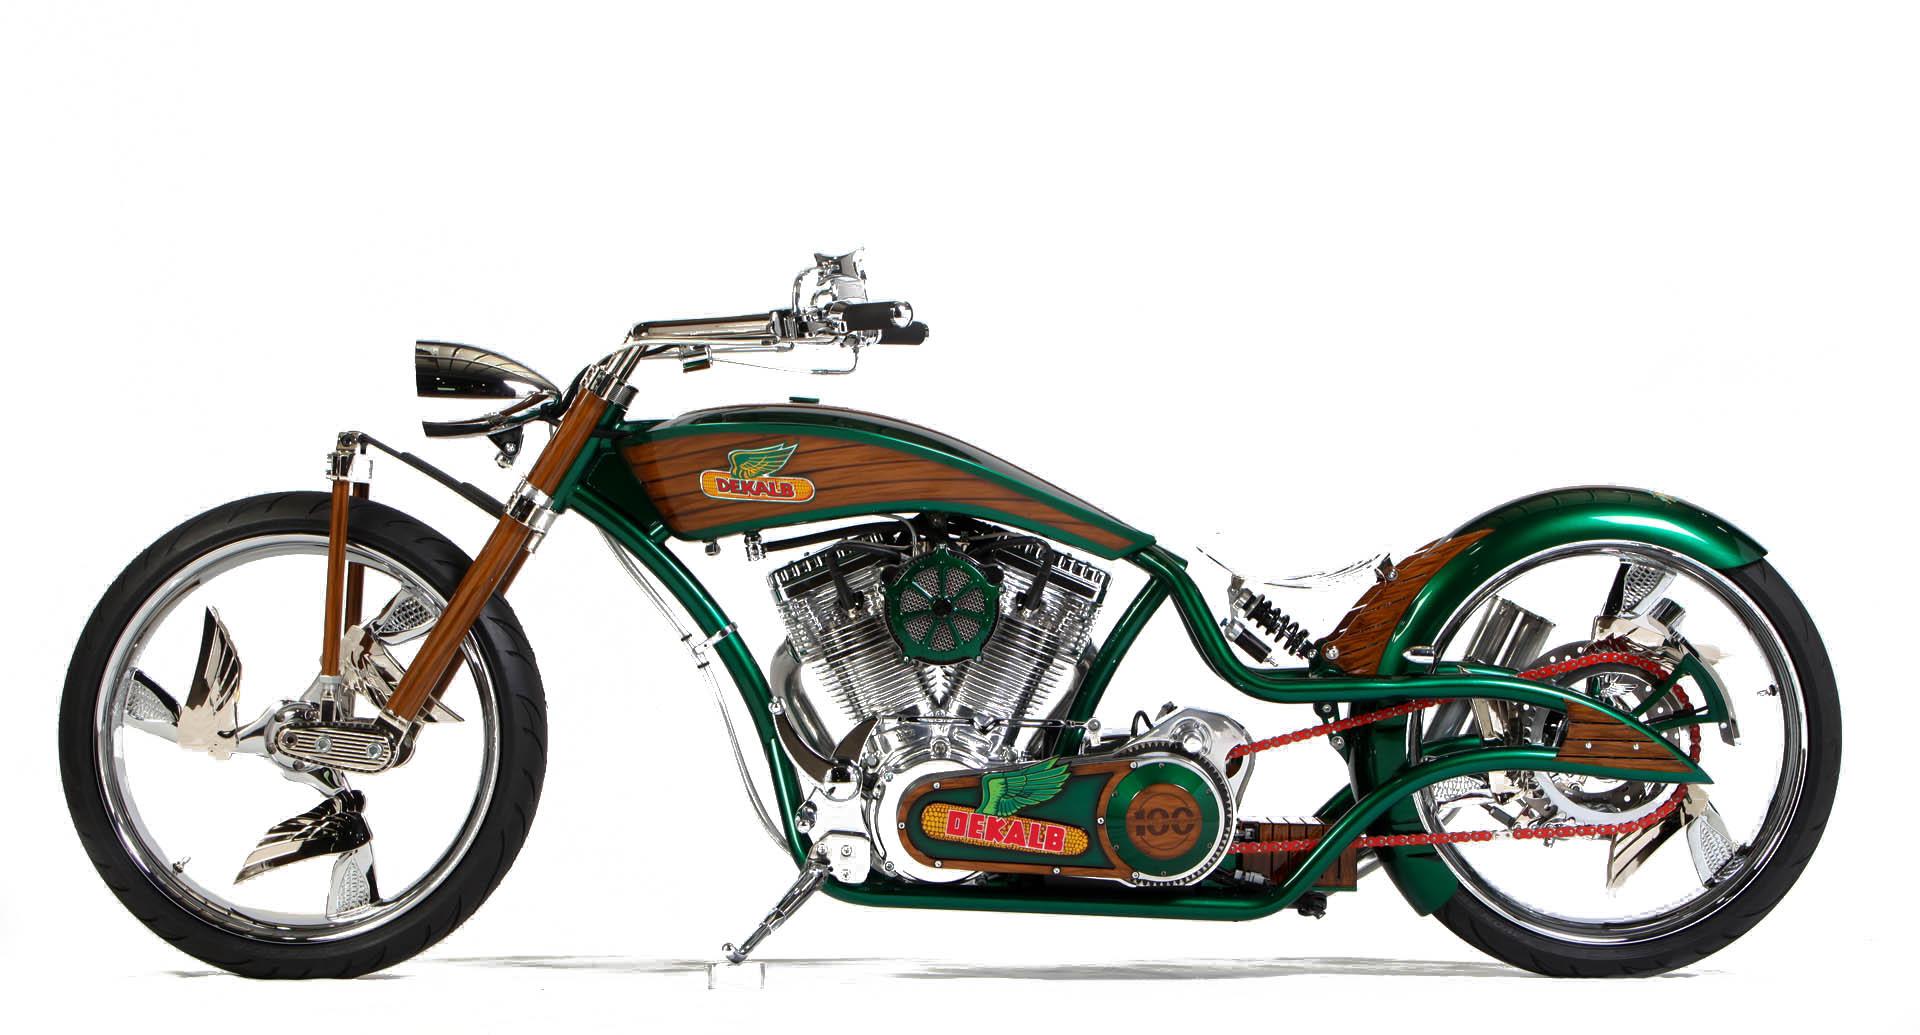 paul-jr-designs-dekalb-bike-055